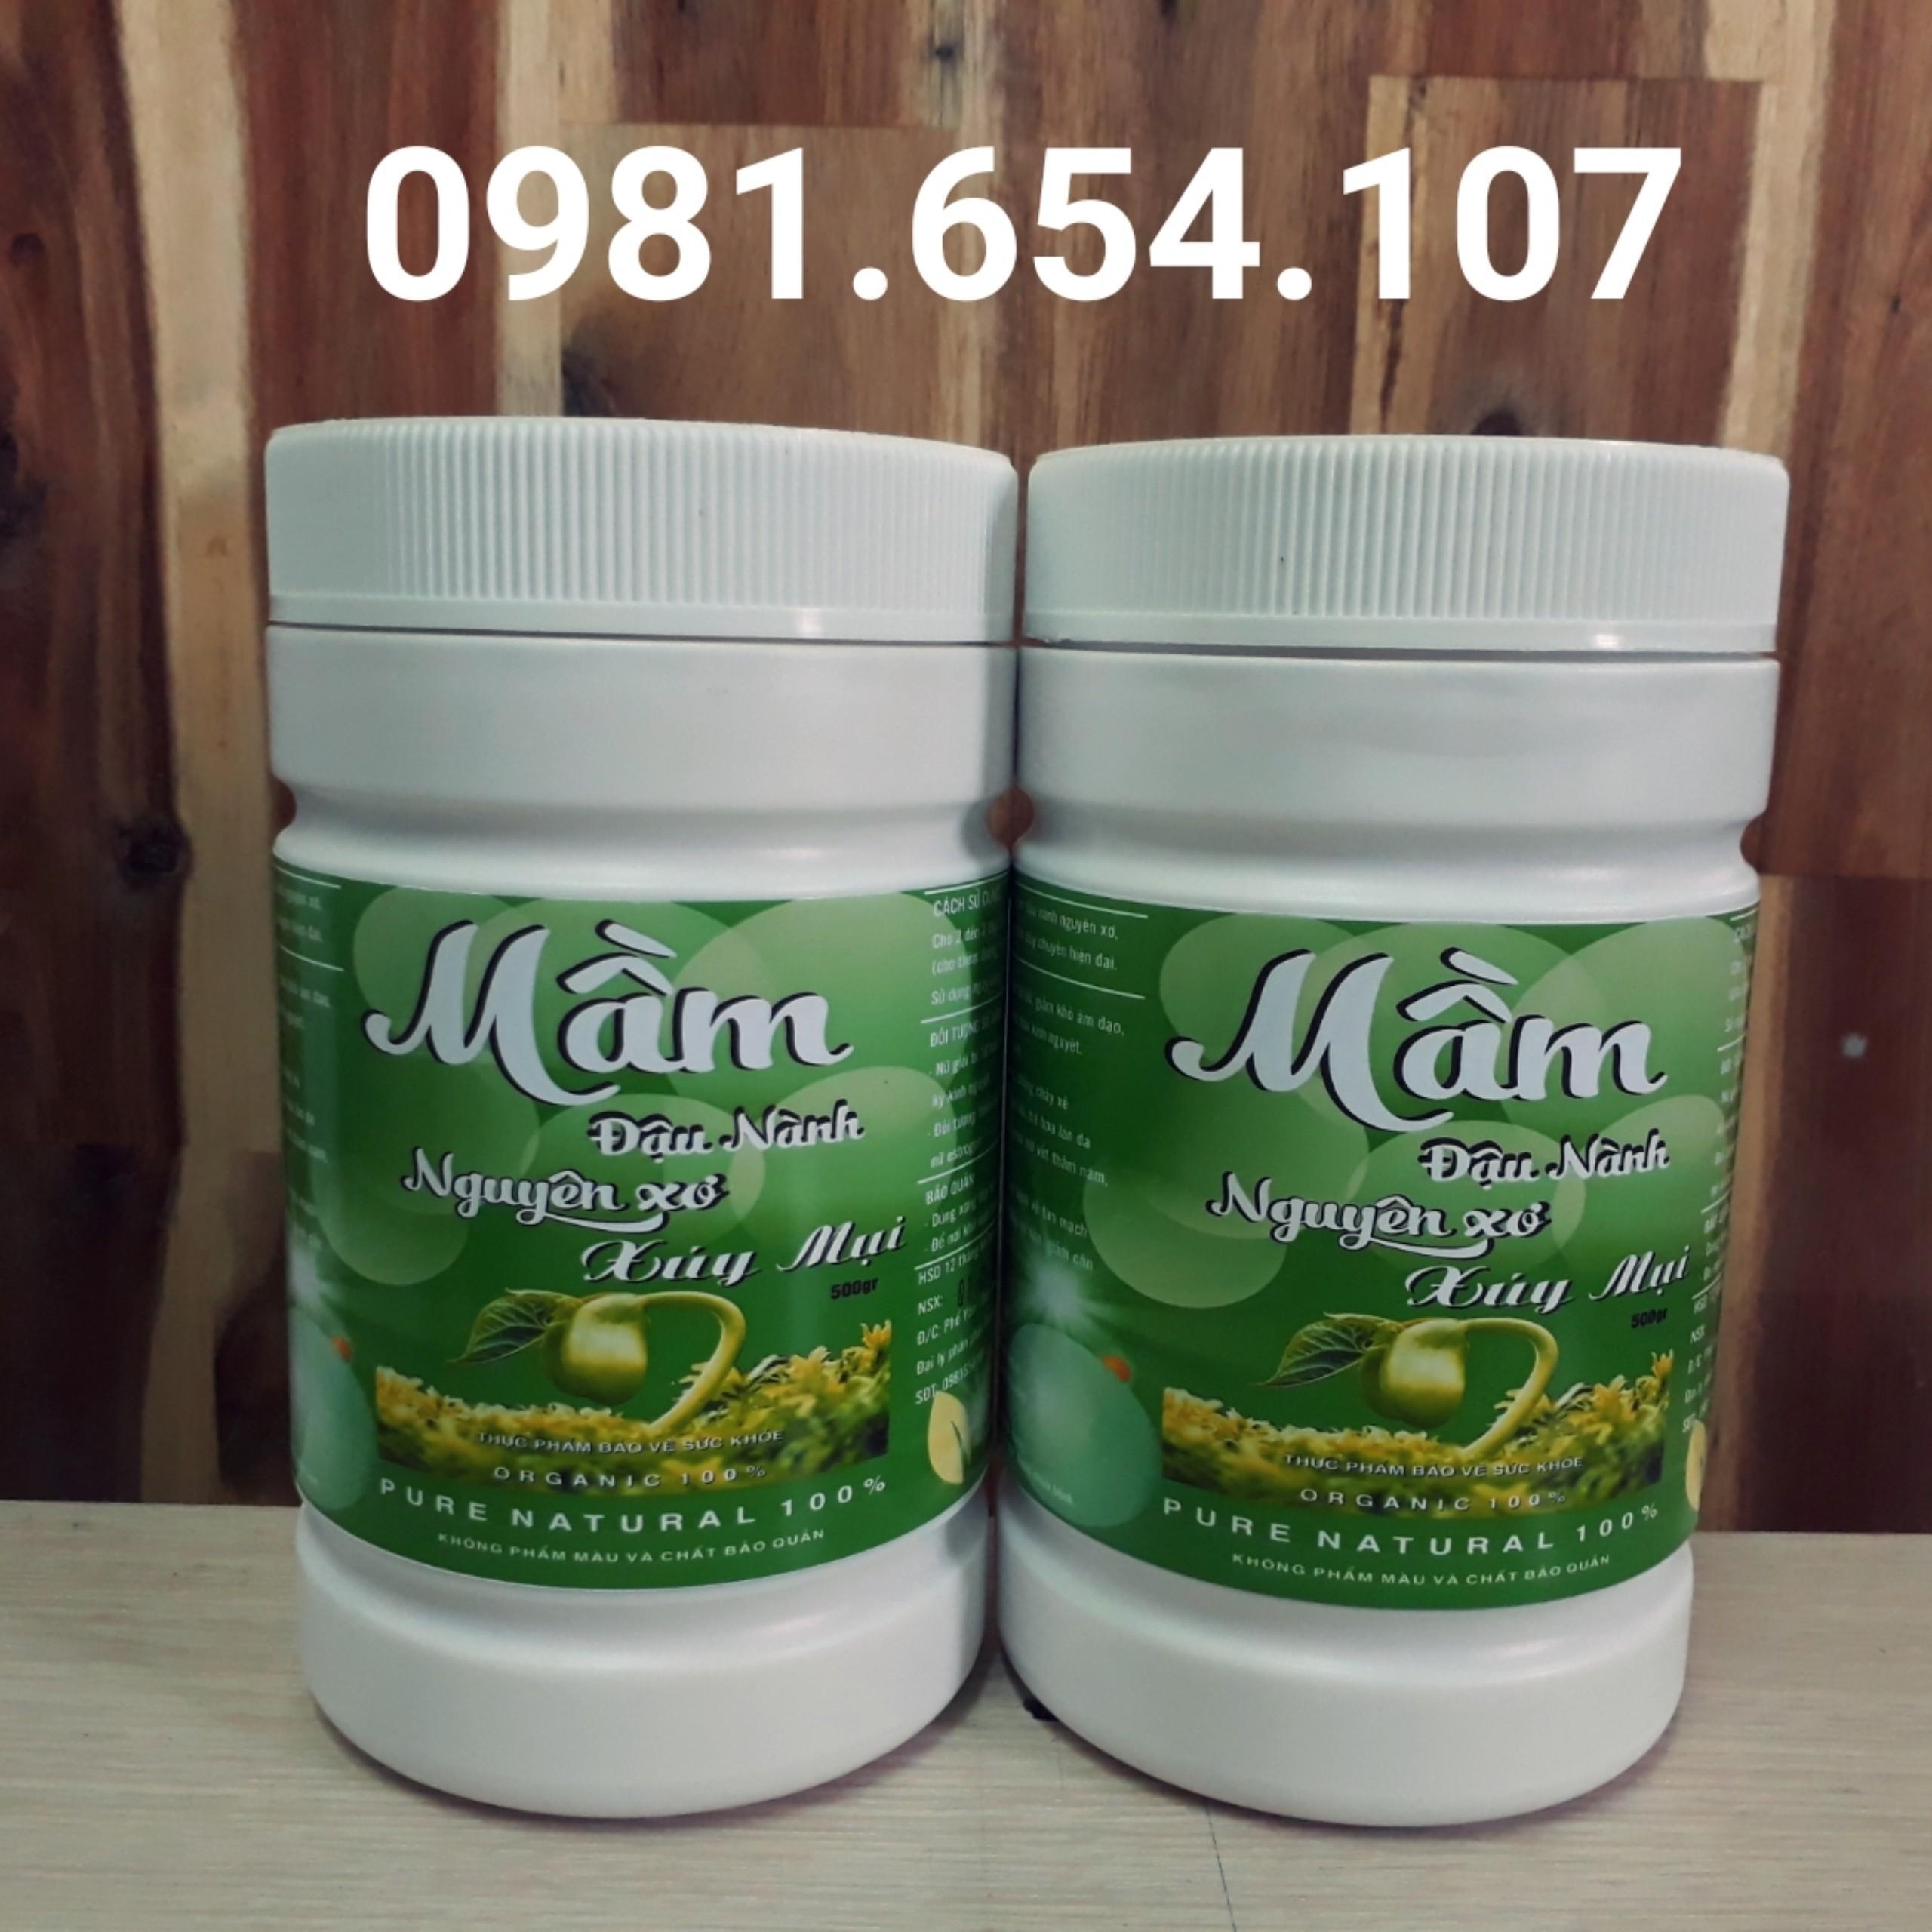 1 kg Bột mầm đậu nành nguyên sơ hỗ trợ tăng size vòng 1 (mầm đậu nành nguyên xơ) - Giá buôn sỉ